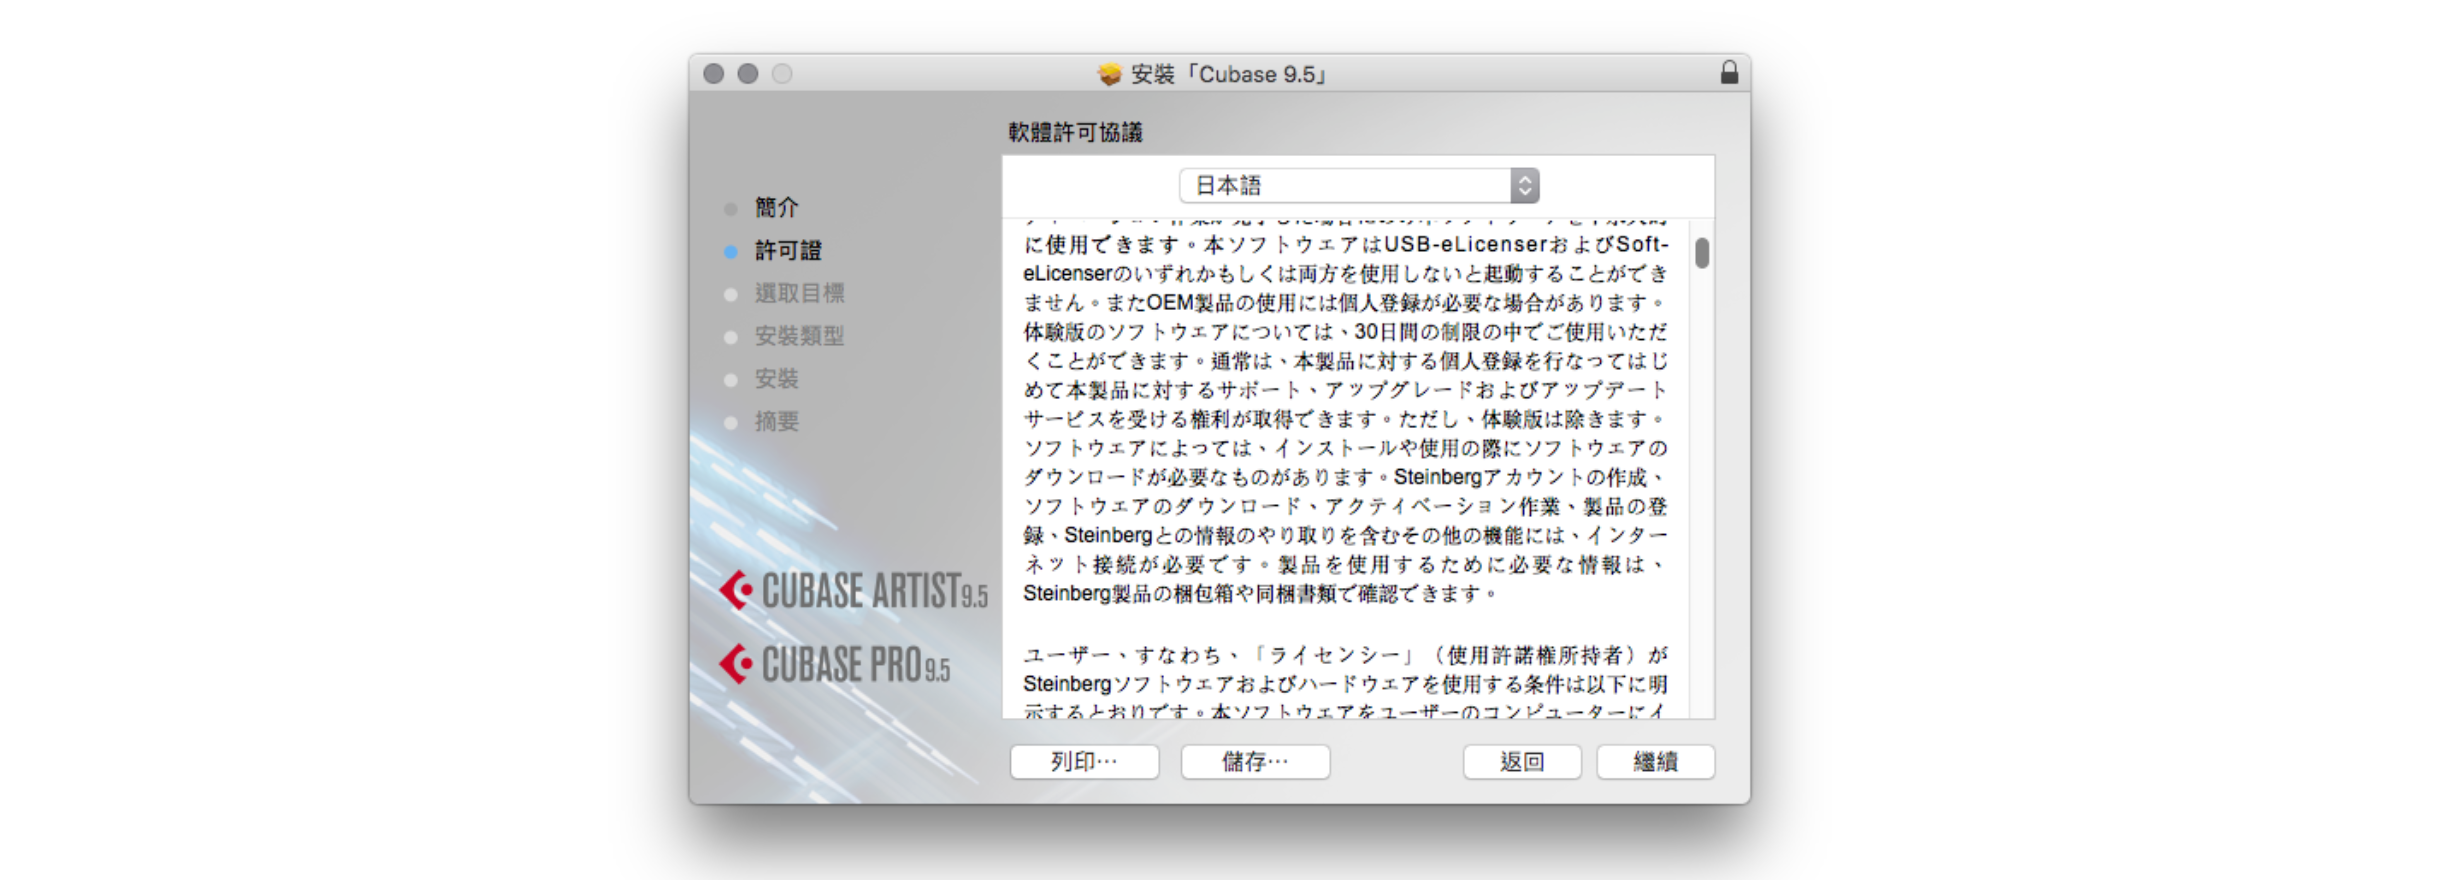 不管你用的是 Cubase Artist 還是 Pro 版本,安裝檔案是一樣的,只是 Artist 的版本會有一些功能上的閹割。